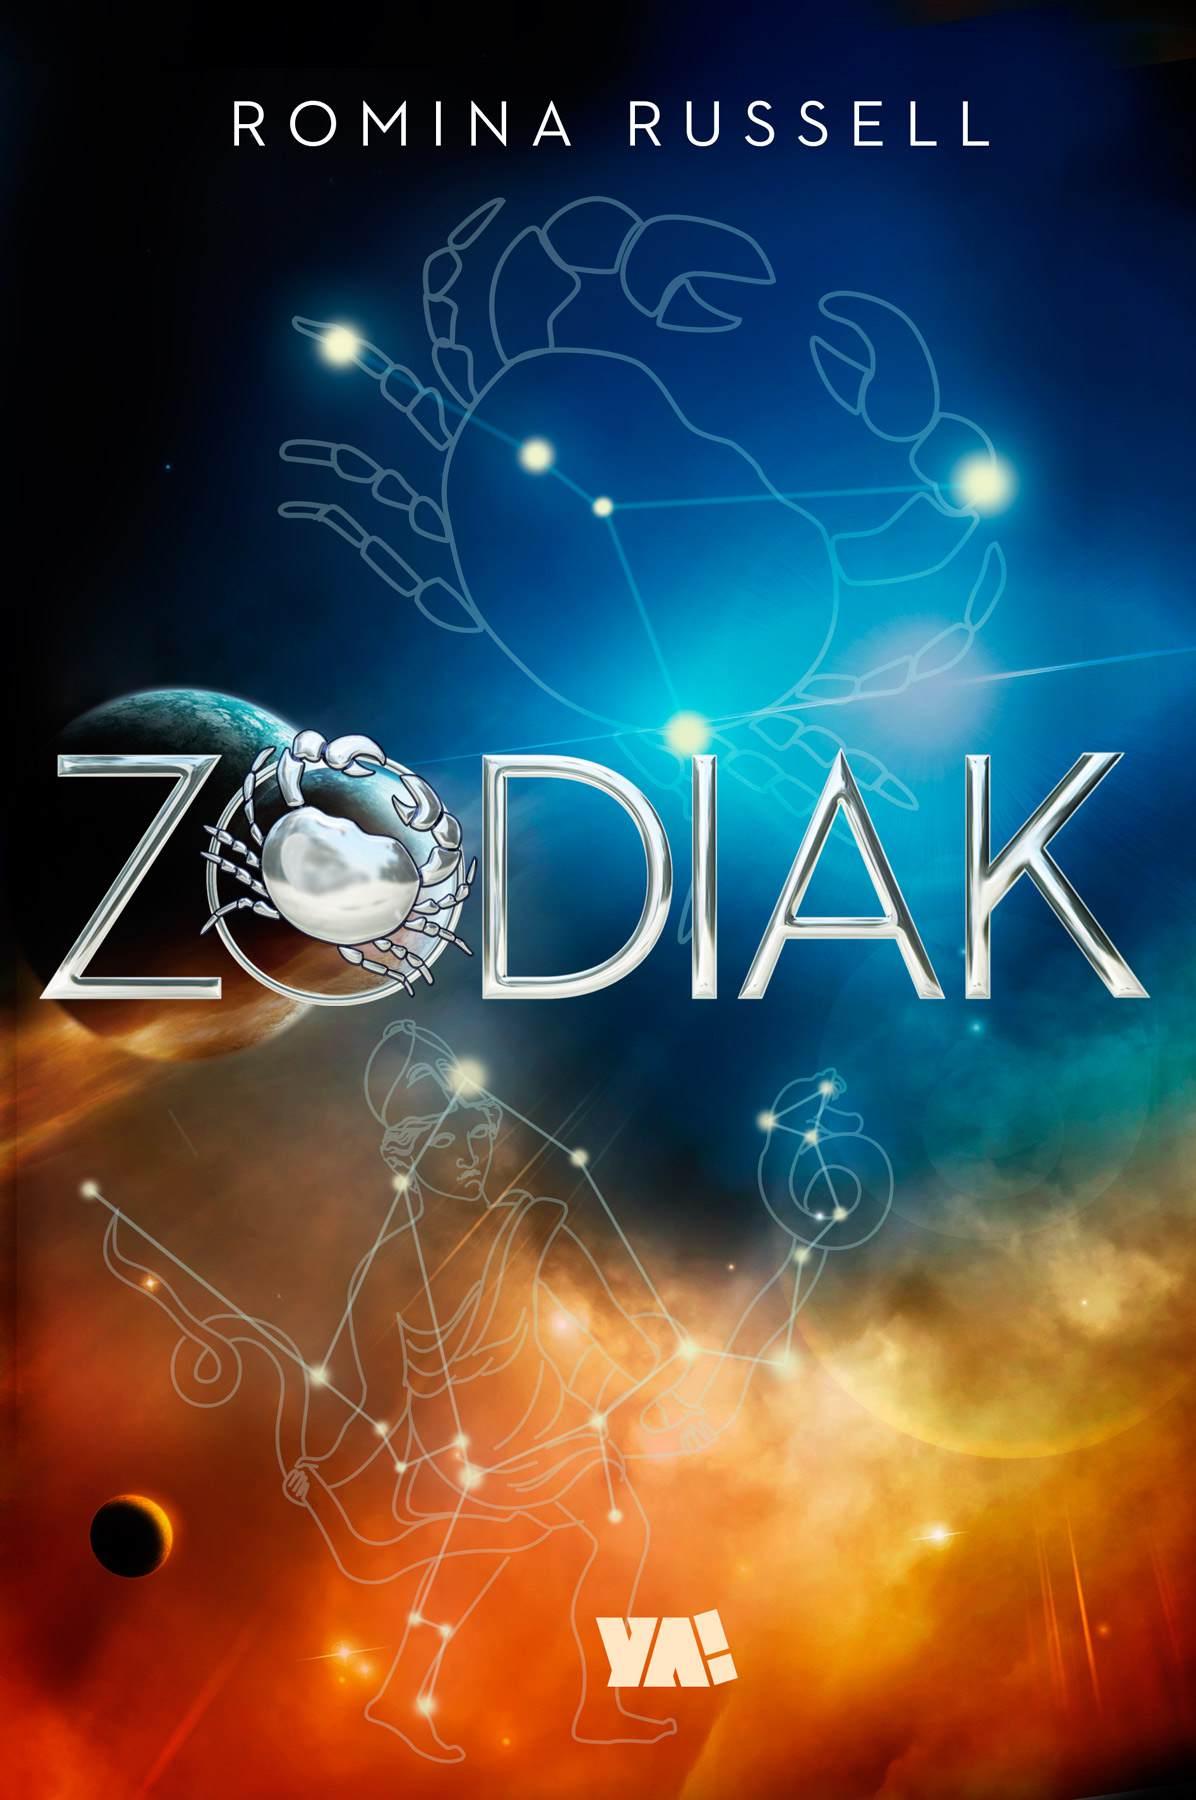 Zodiak - Ebook (Książka EPUB) do pobrania w formacie EPUB